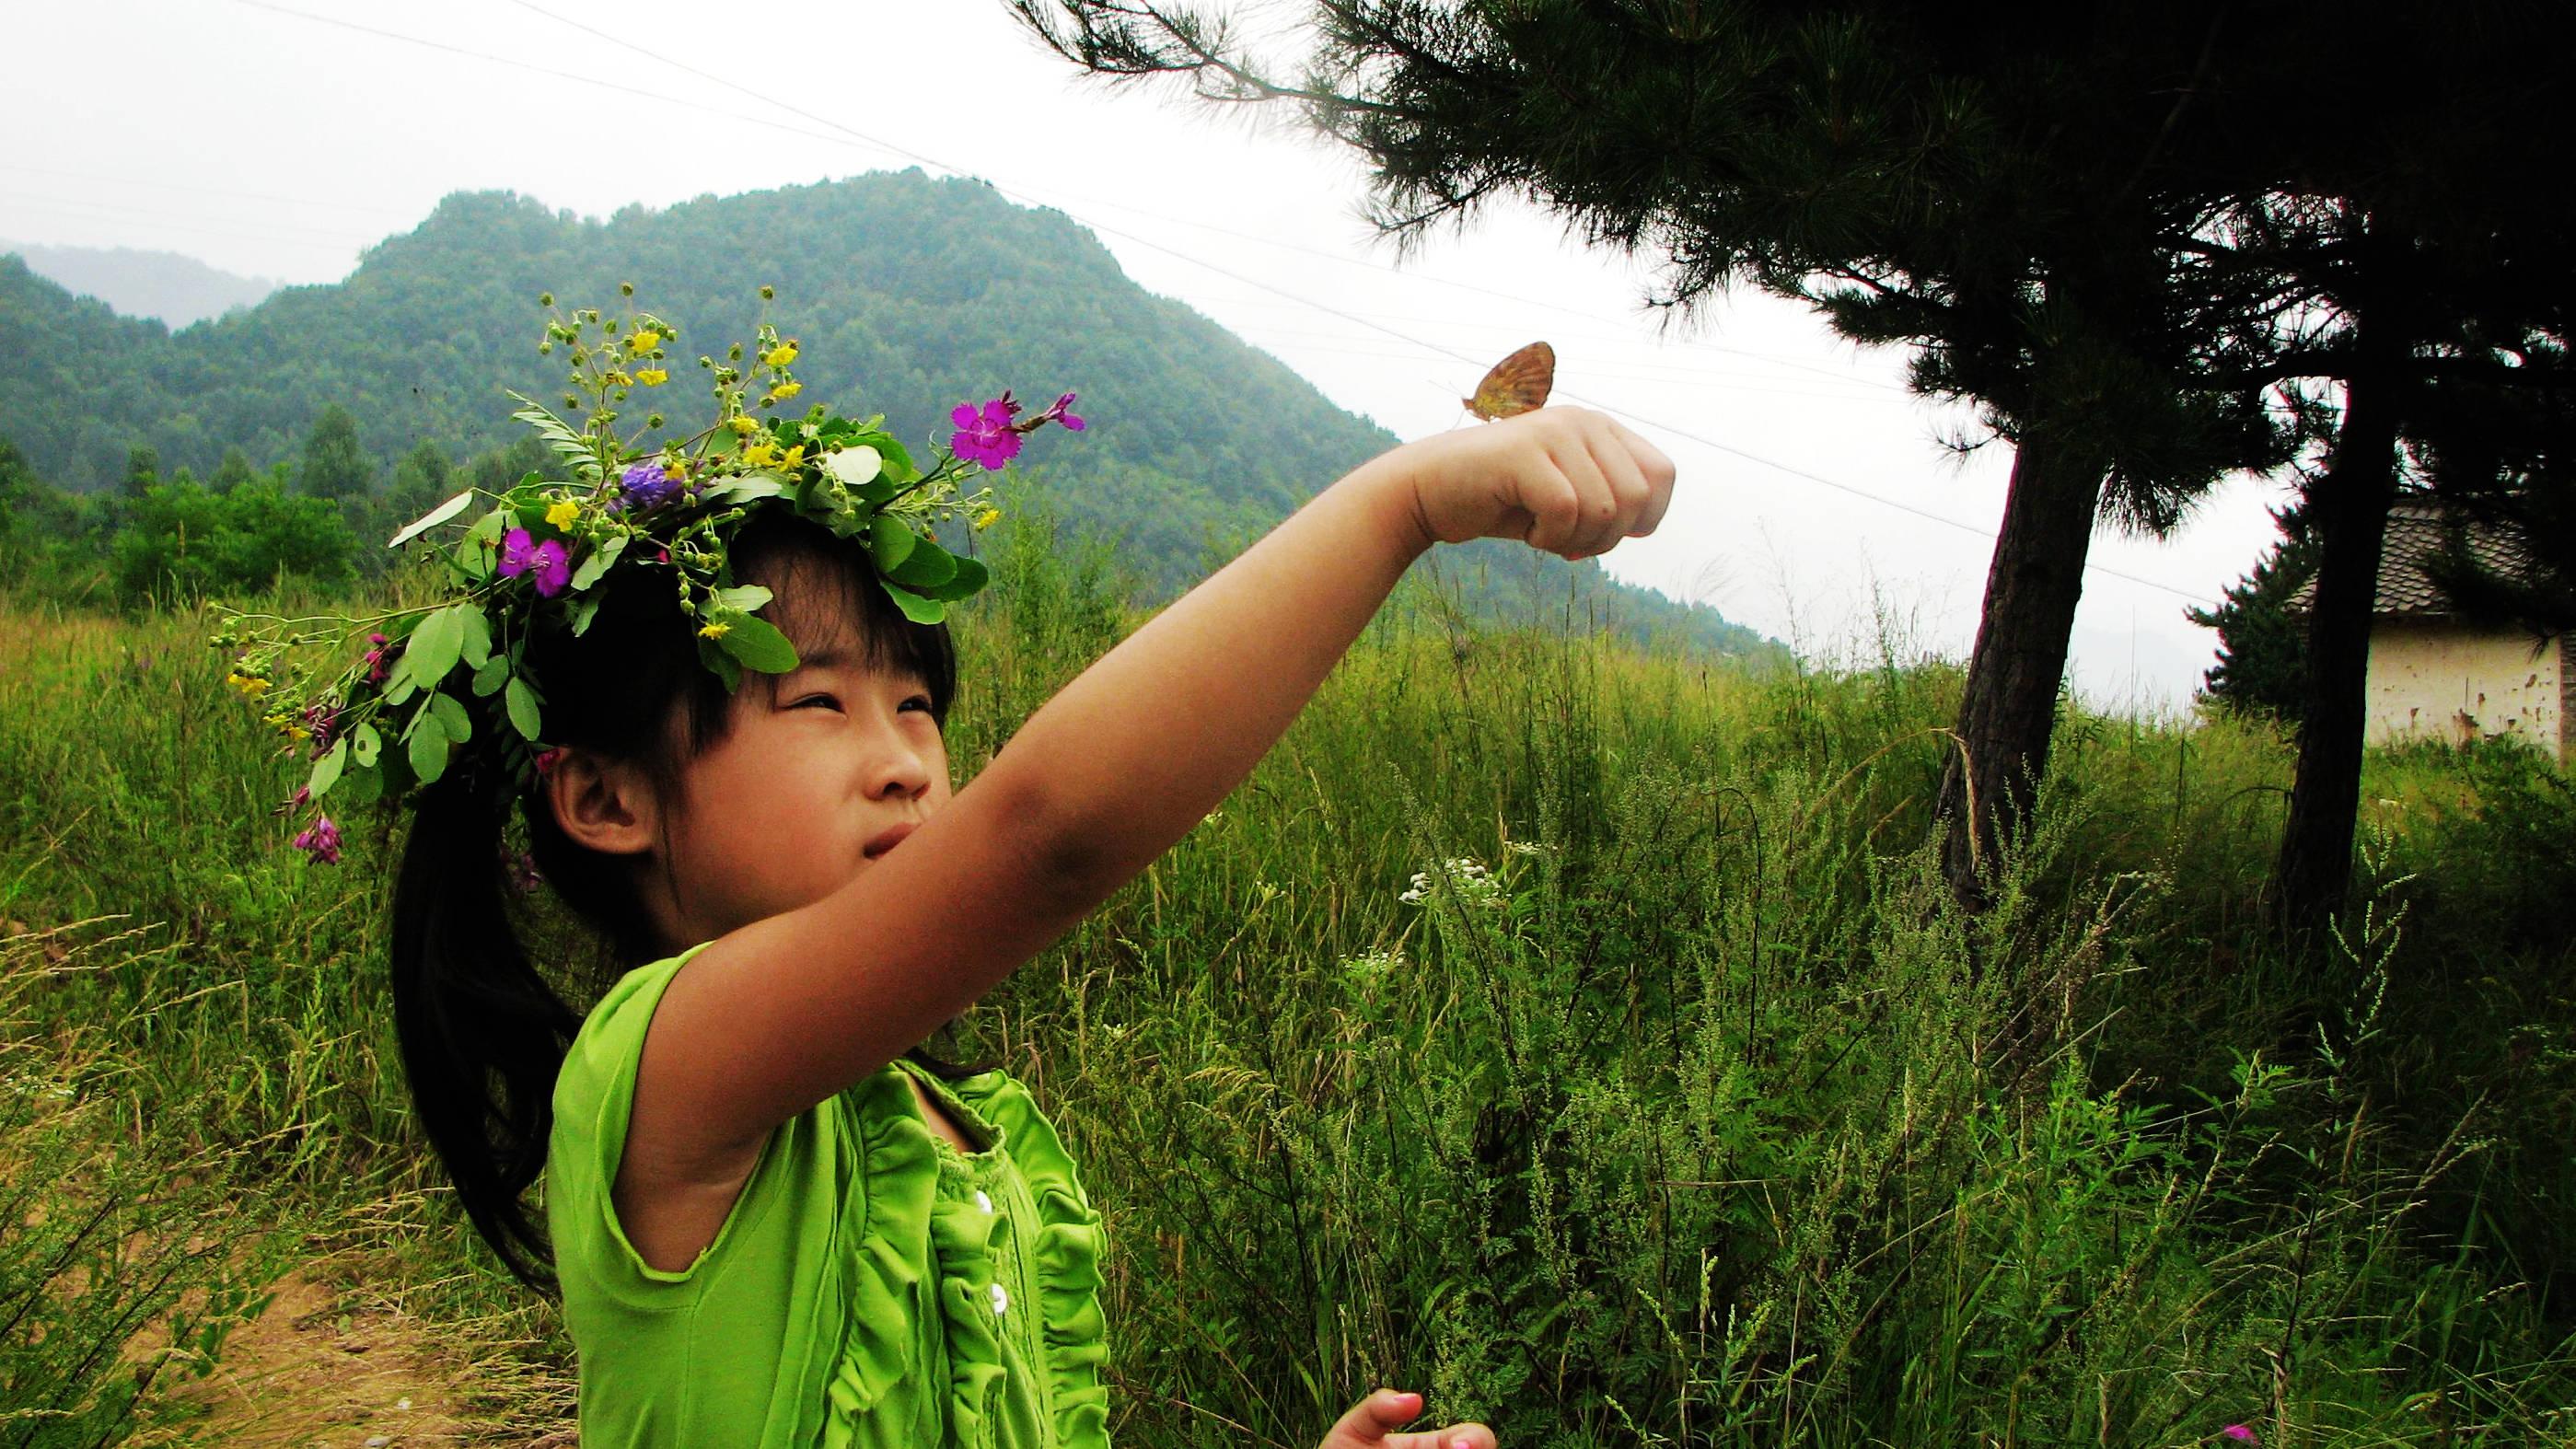 原创             小蝴蝶,你飞走吧!花海才是你的家《那些年,我们一起走过》